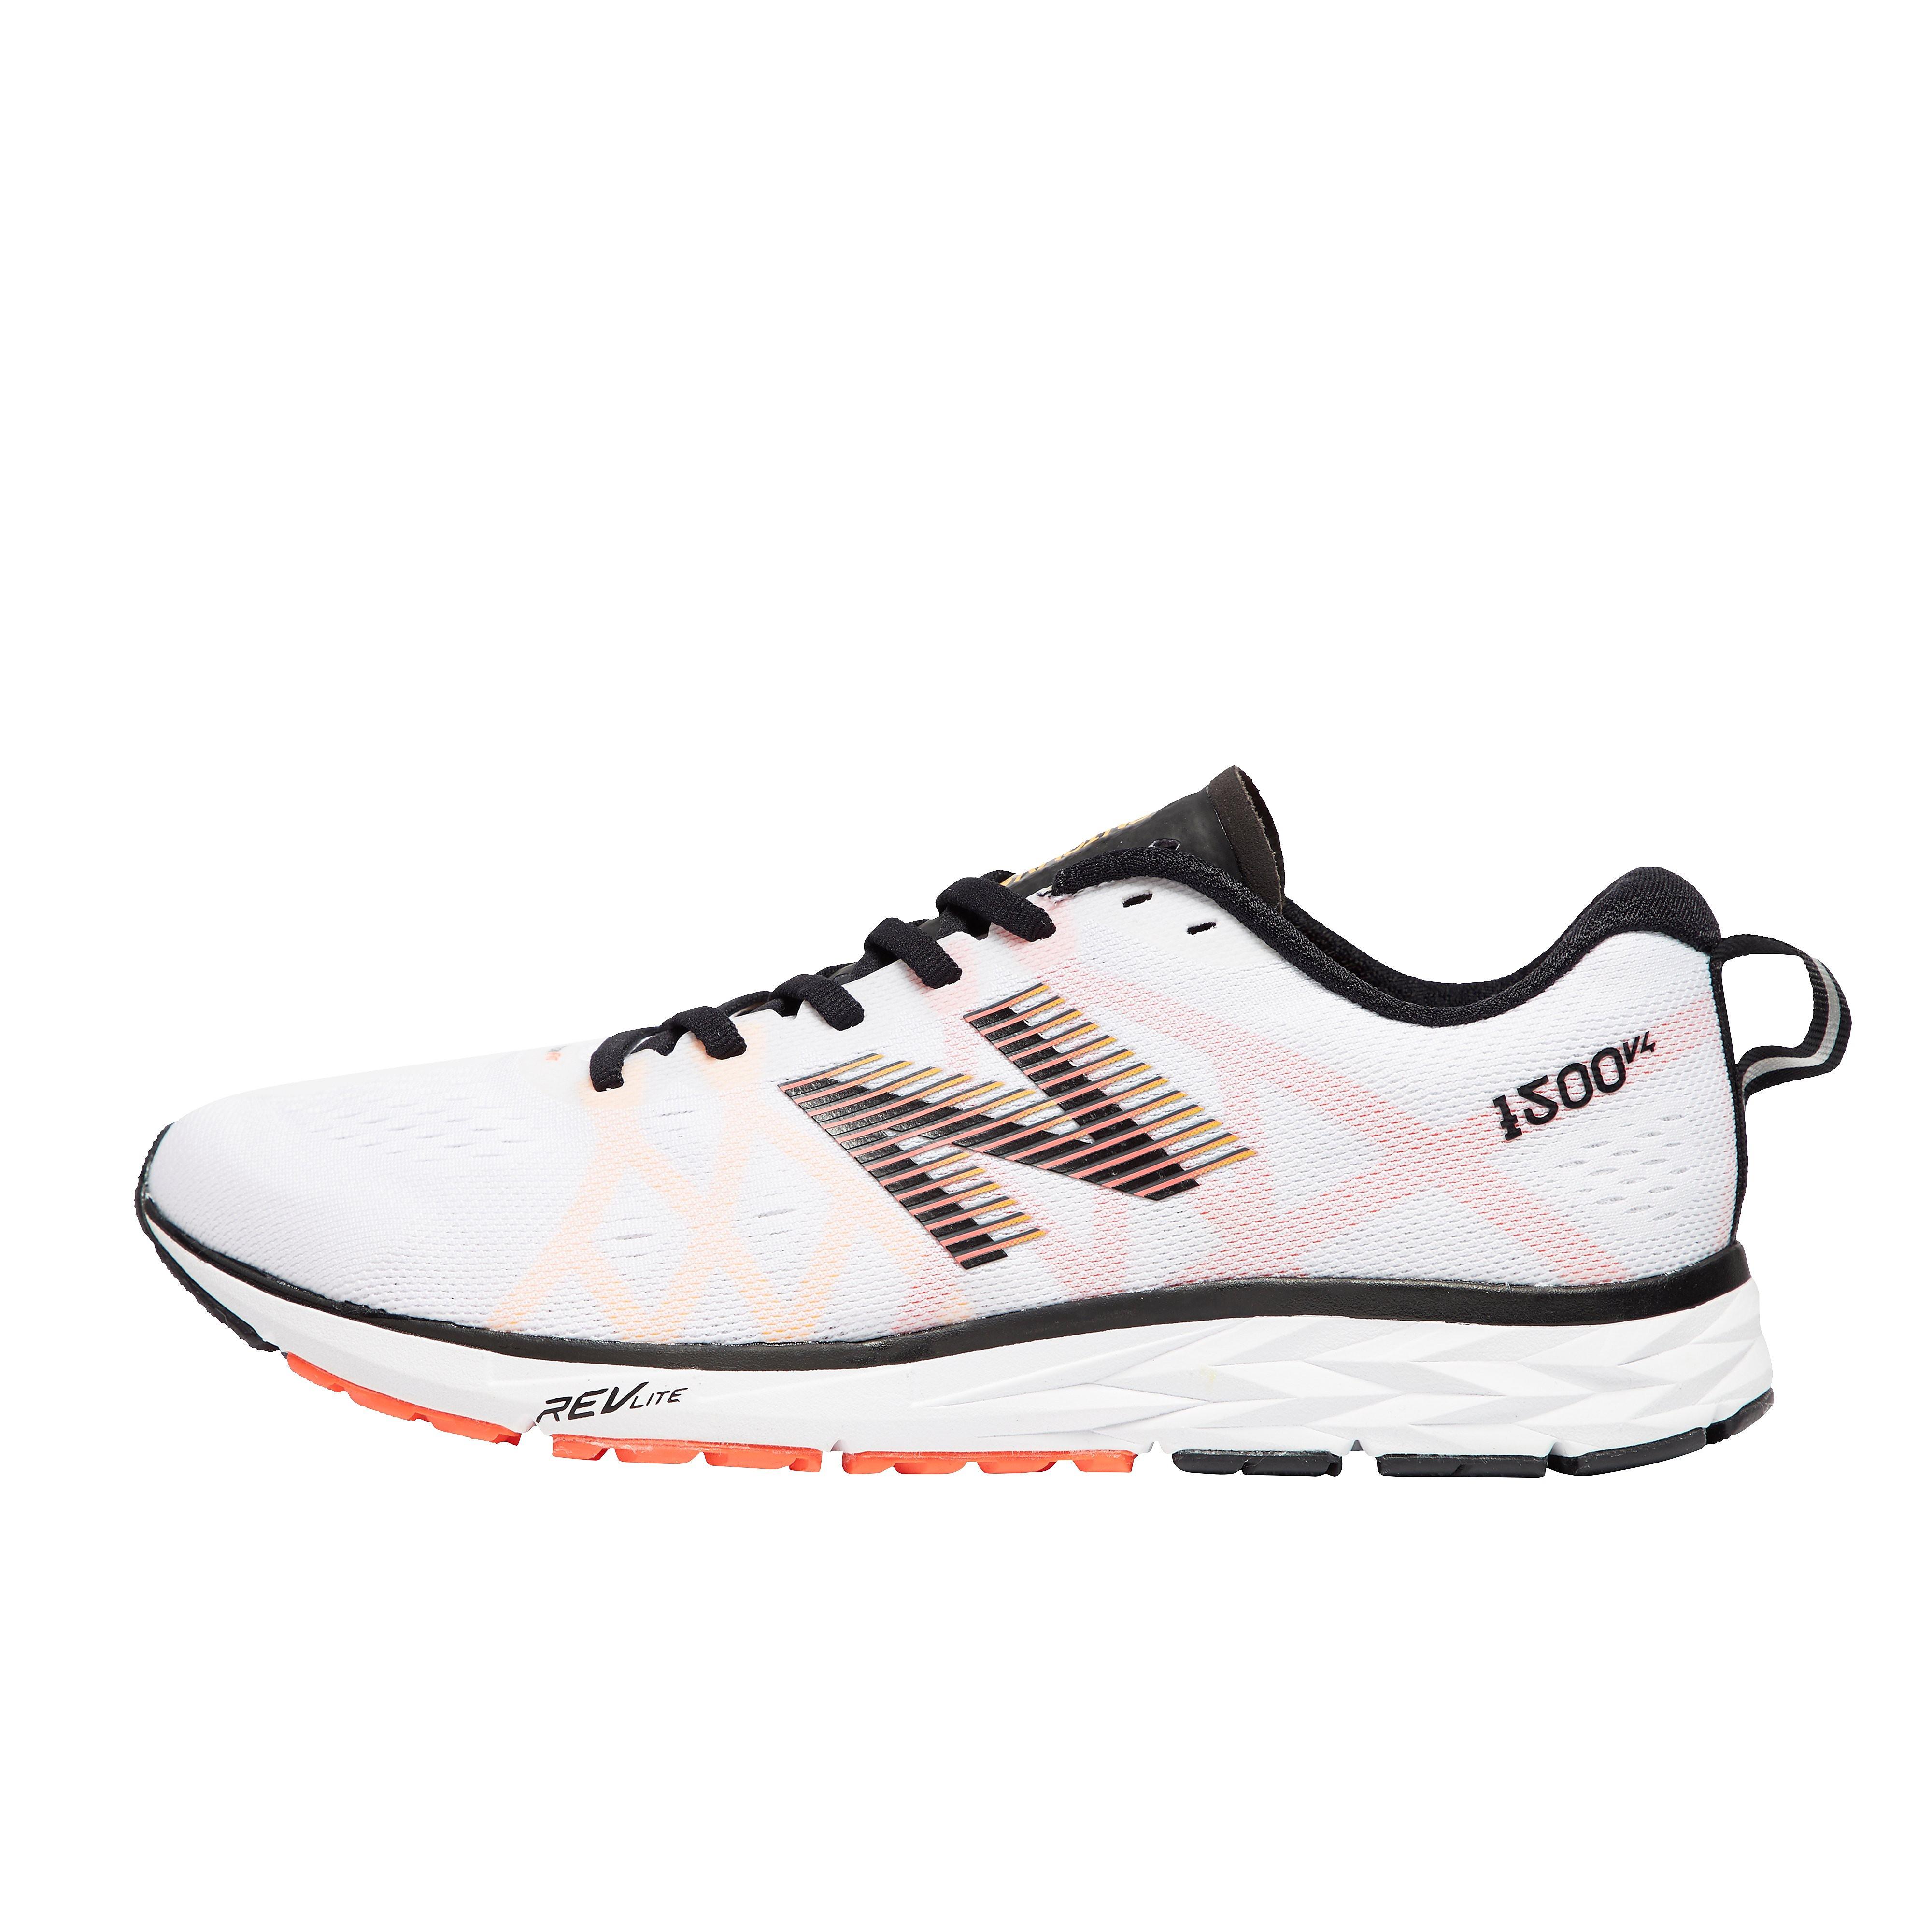 Men's New Balance 1500v4 Running Shoes - White, White